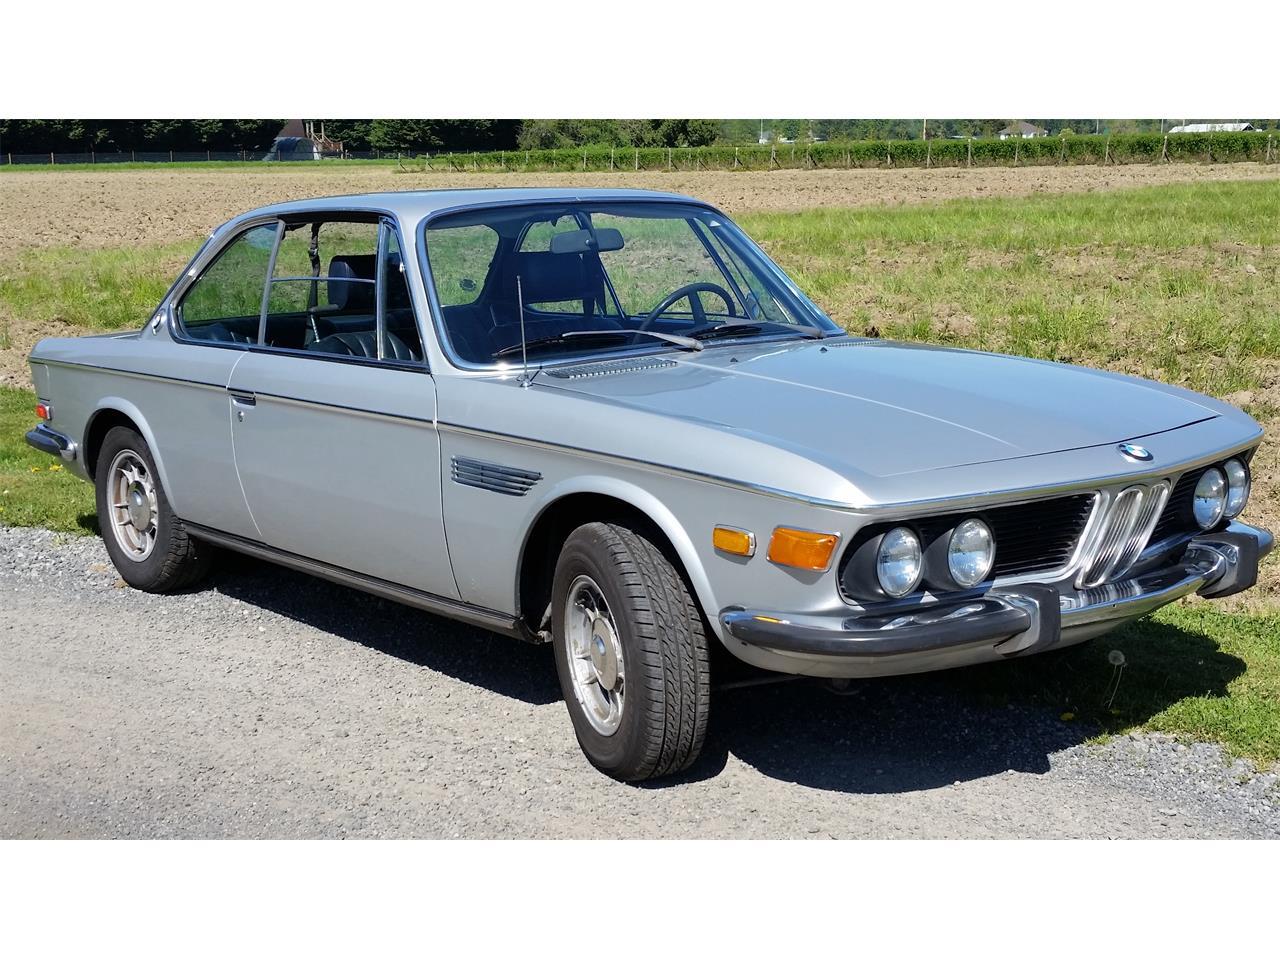 Bmw 3 0 Cs For Sale >> 1972 Bmw 3 0cs For Sale Classiccars Com Cc 1188650